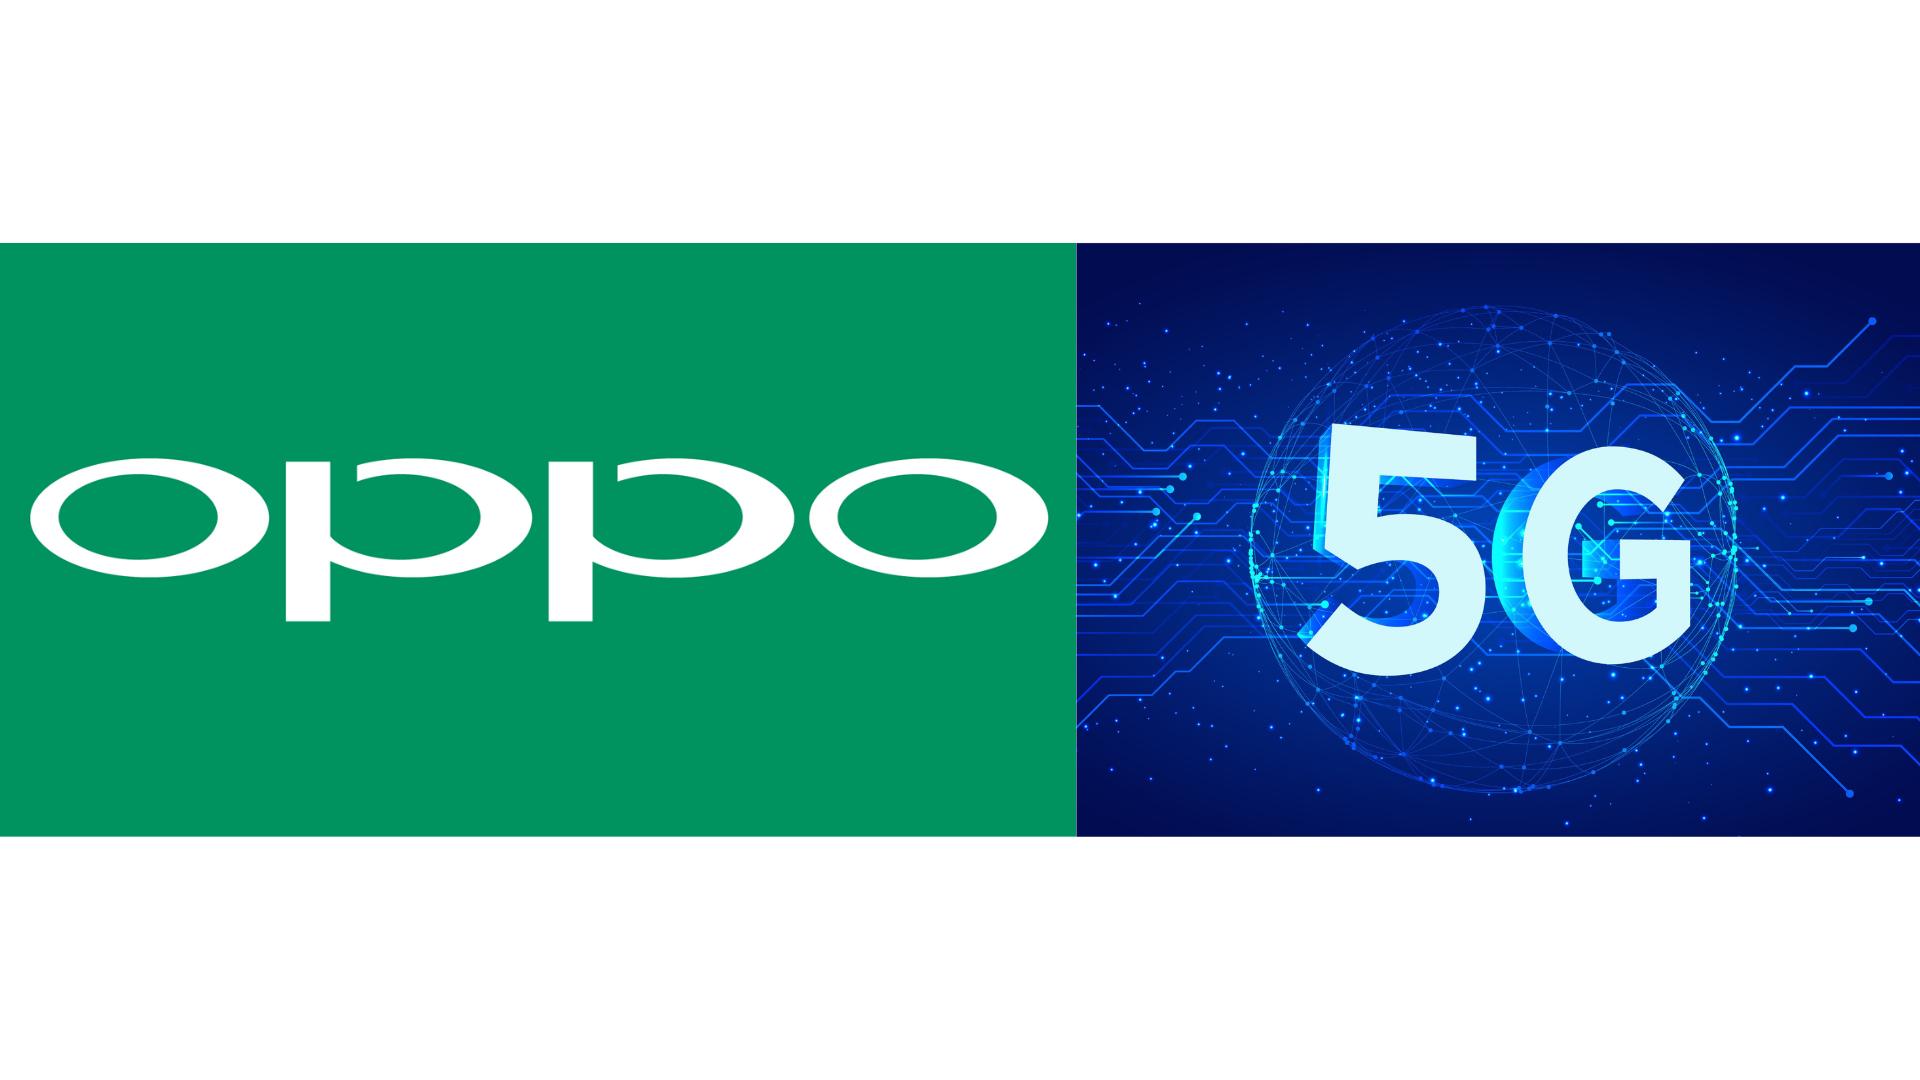 Oppo's New 5G Technology